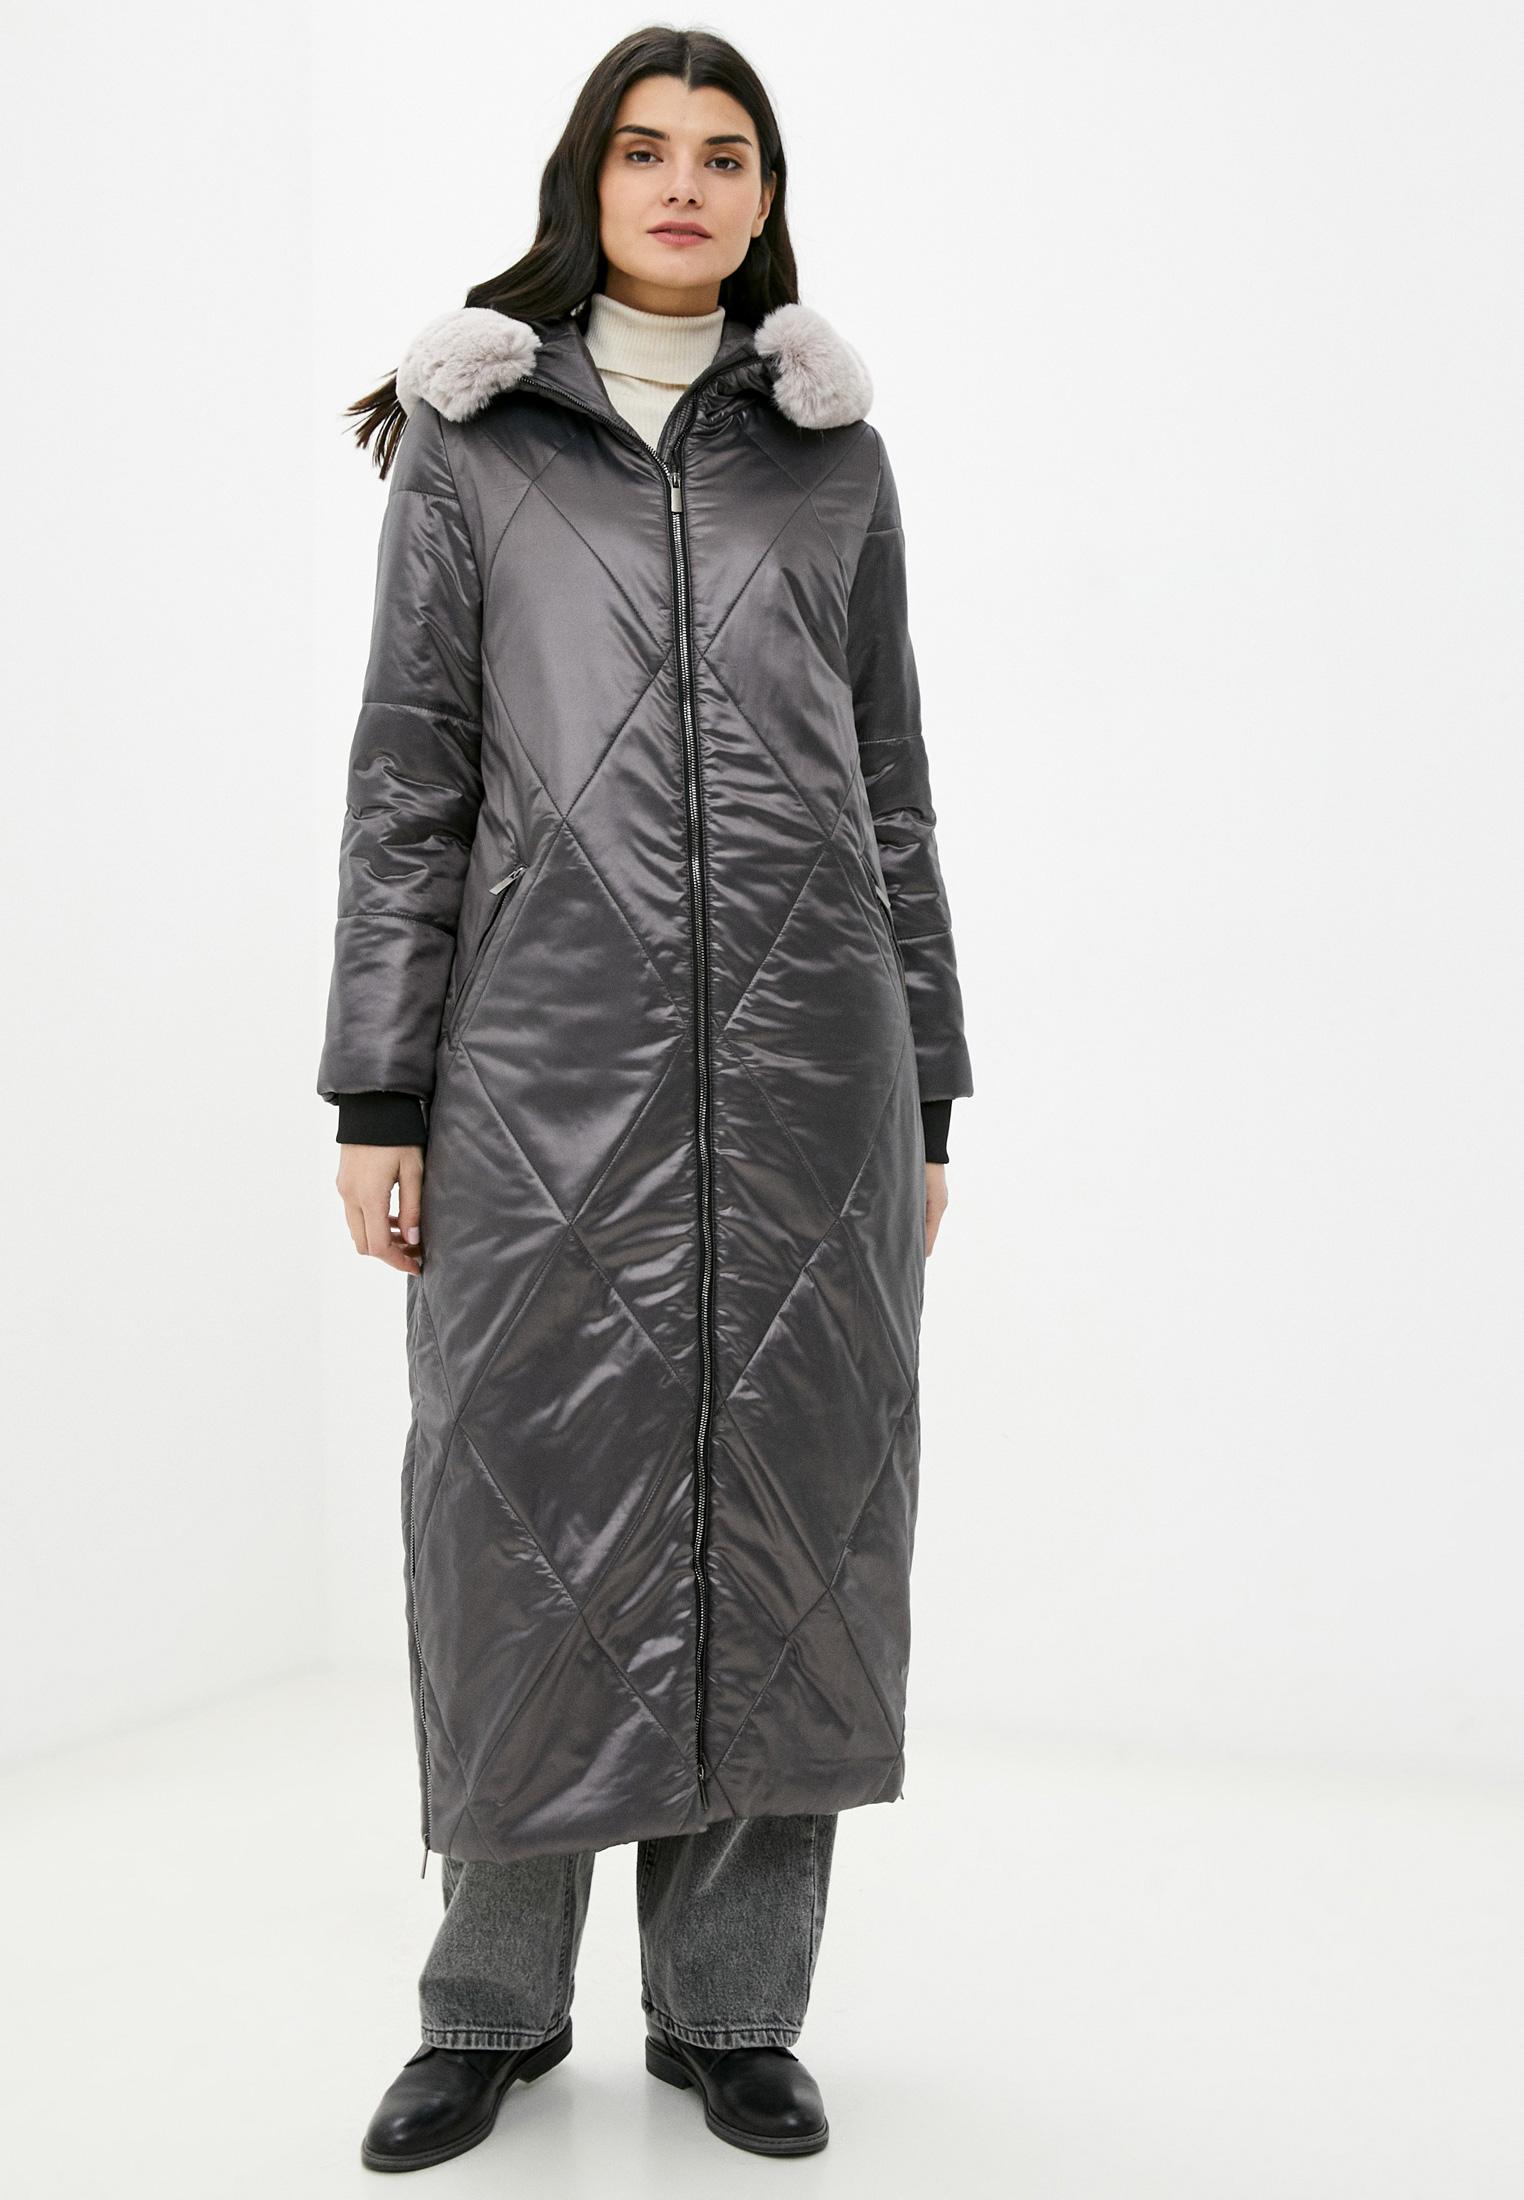 Утепленная куртка Nataliy Beate Пальто мод 162